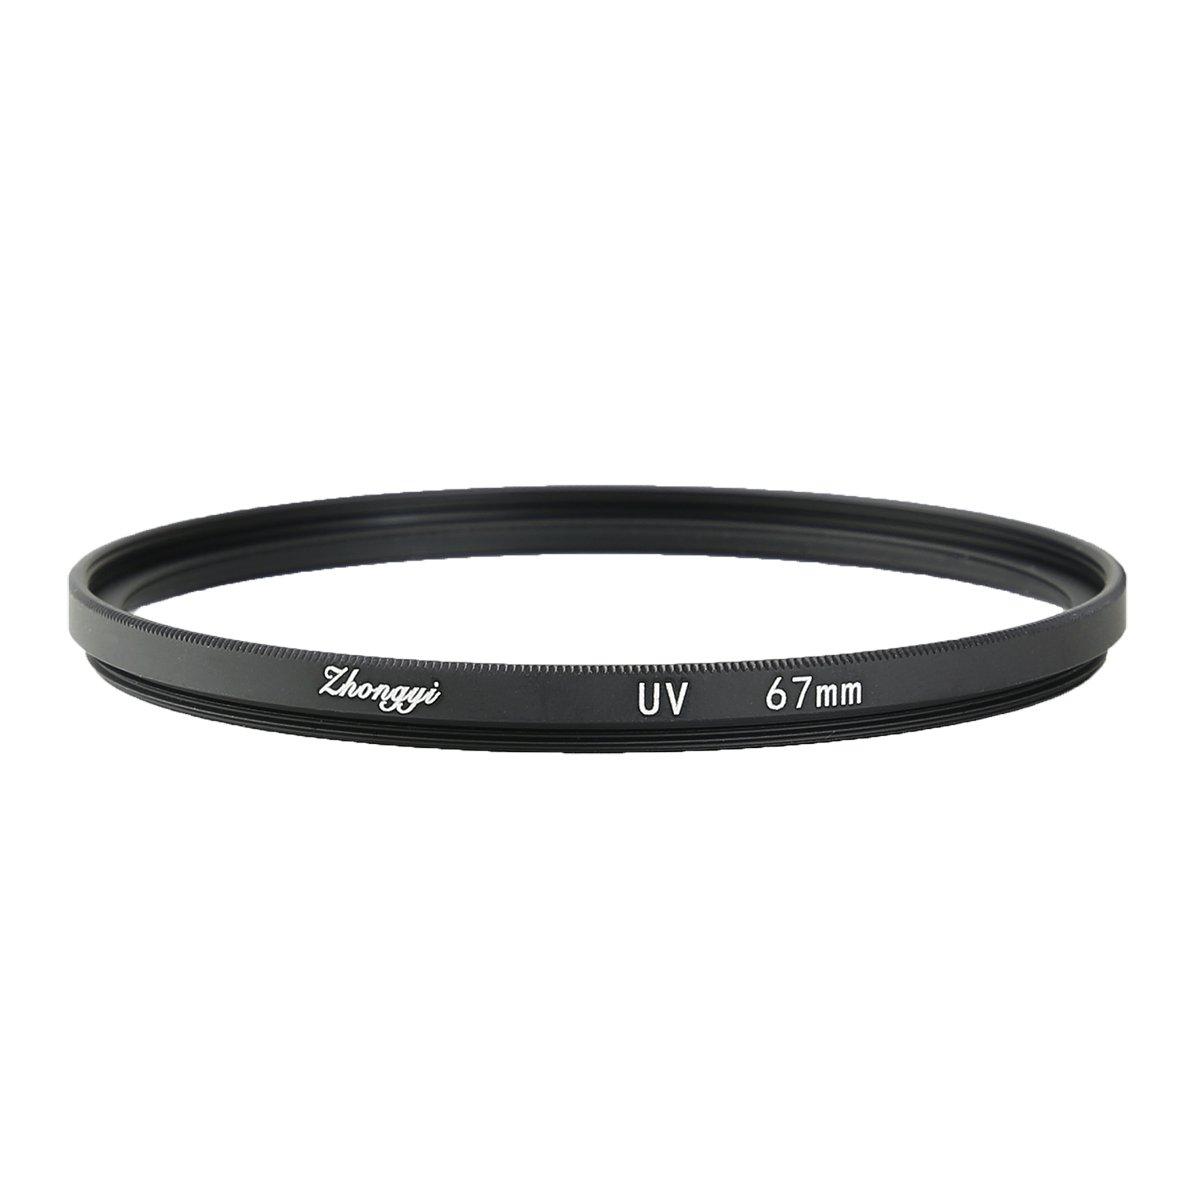 【日本国内正規品】中一光学│ZHONG YI OPTICS UV レンズ保護フィルター 67mm   B00XRH05B2